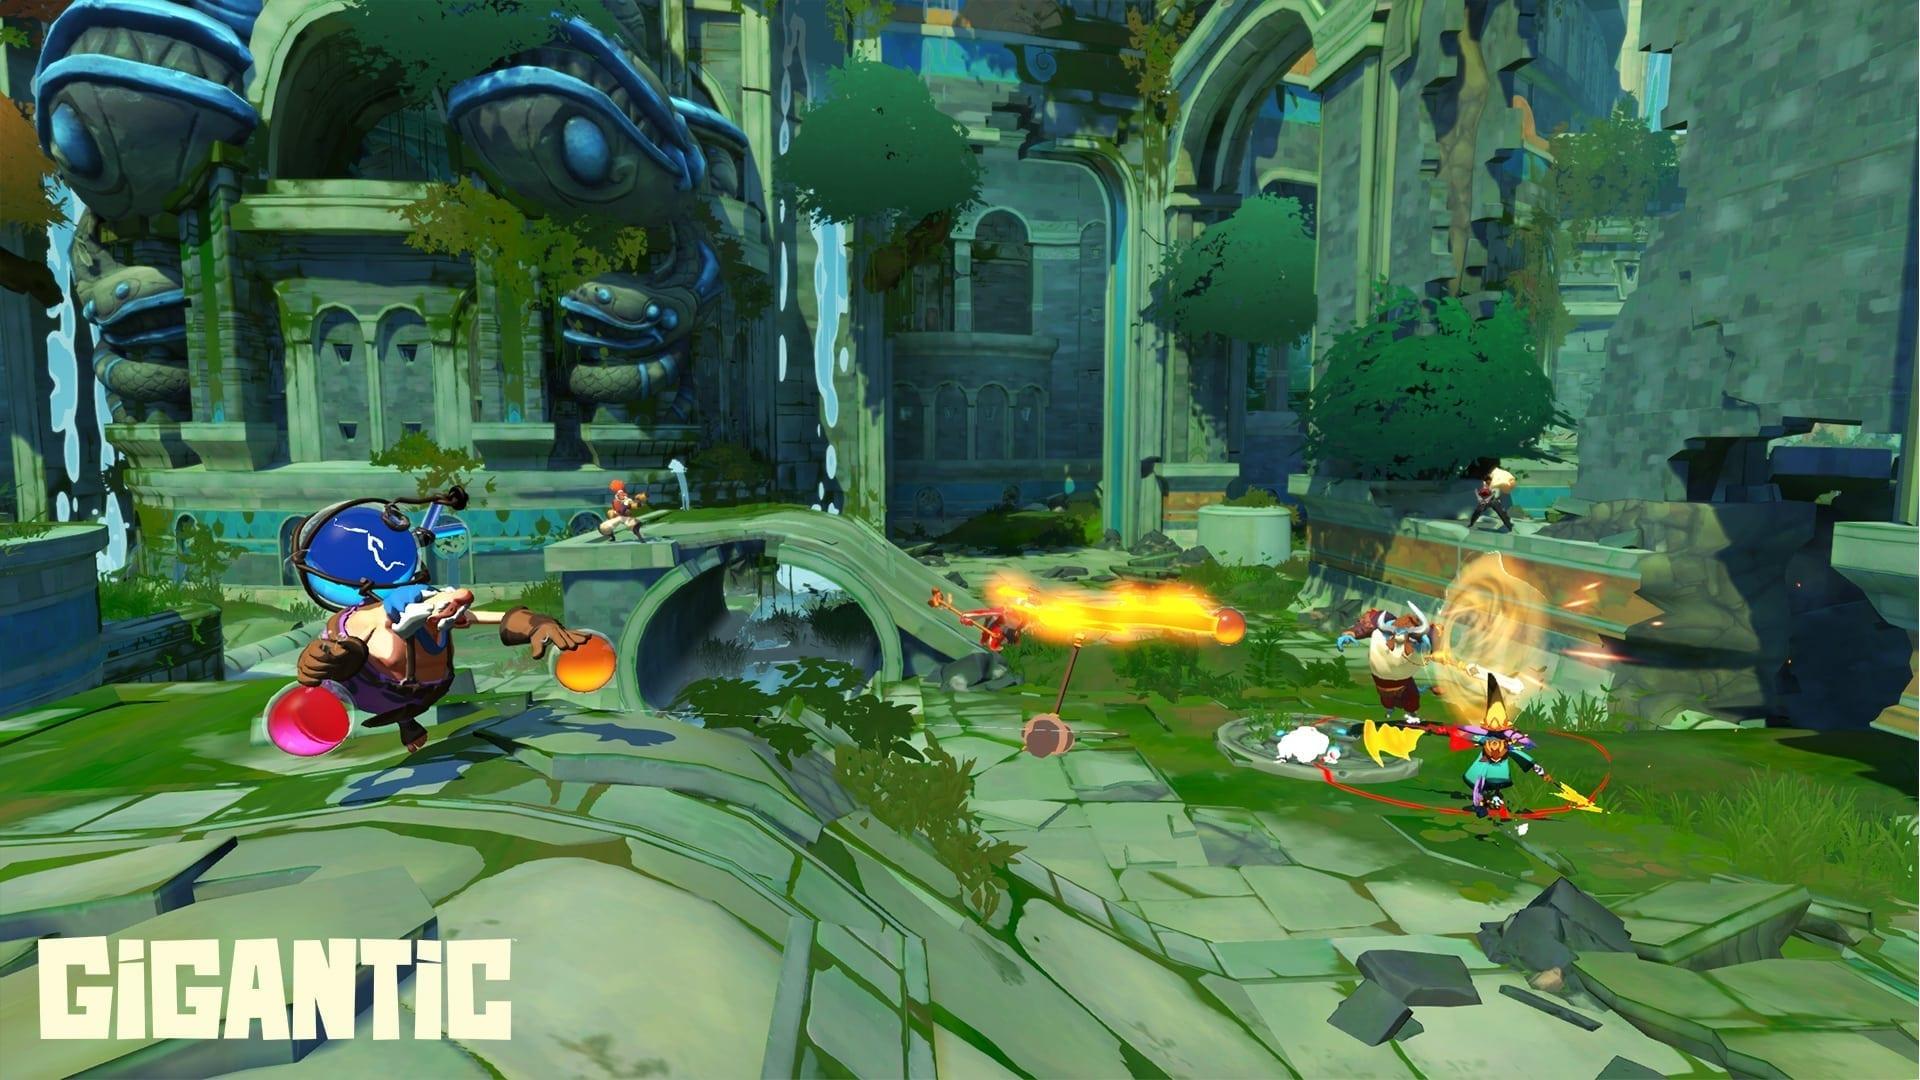 gigantic-closed-beta-screenshot-2